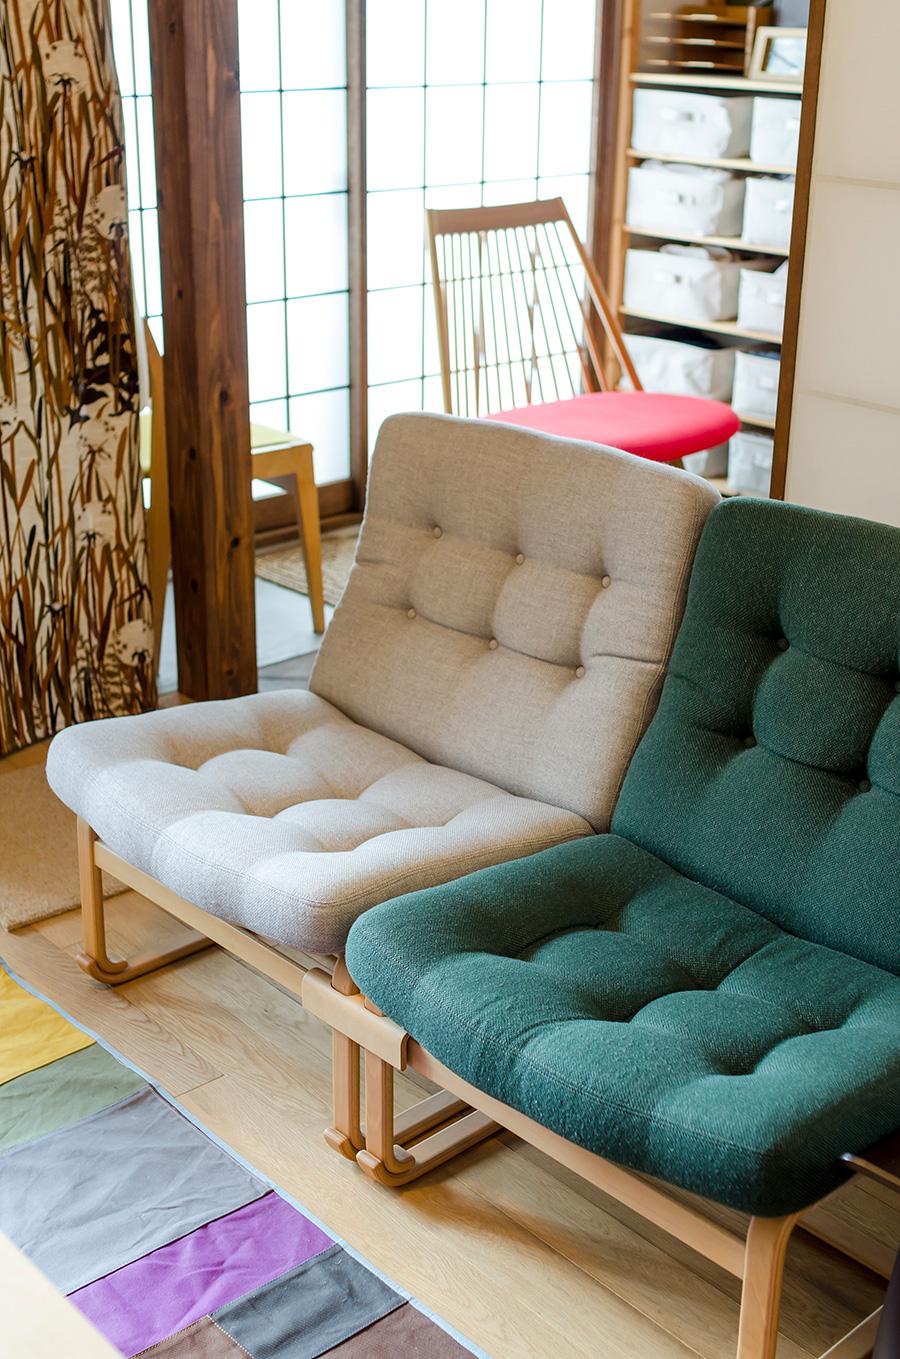 ブルーノ・マットソン氏デザインのソファチェア。